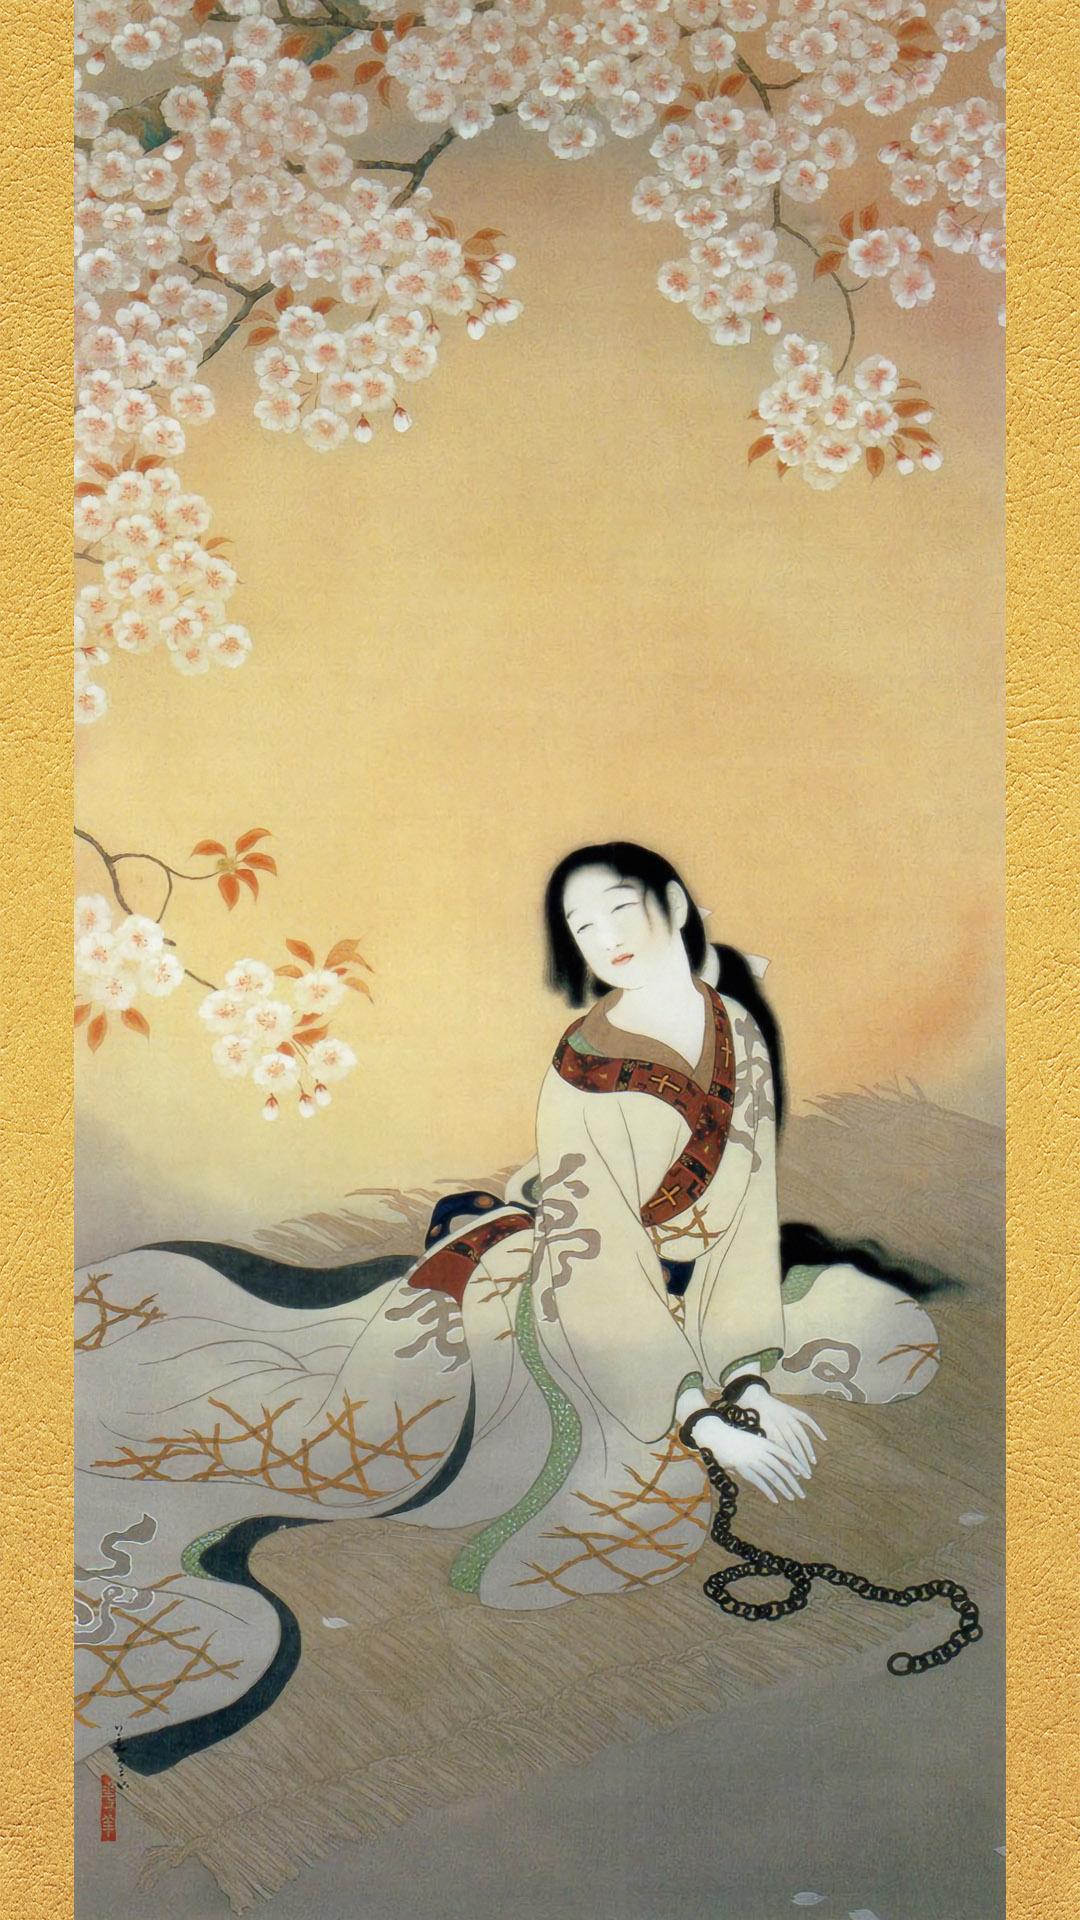 Matsumoto Kayo - Junkyo Bateren oharu 1080x1920 2